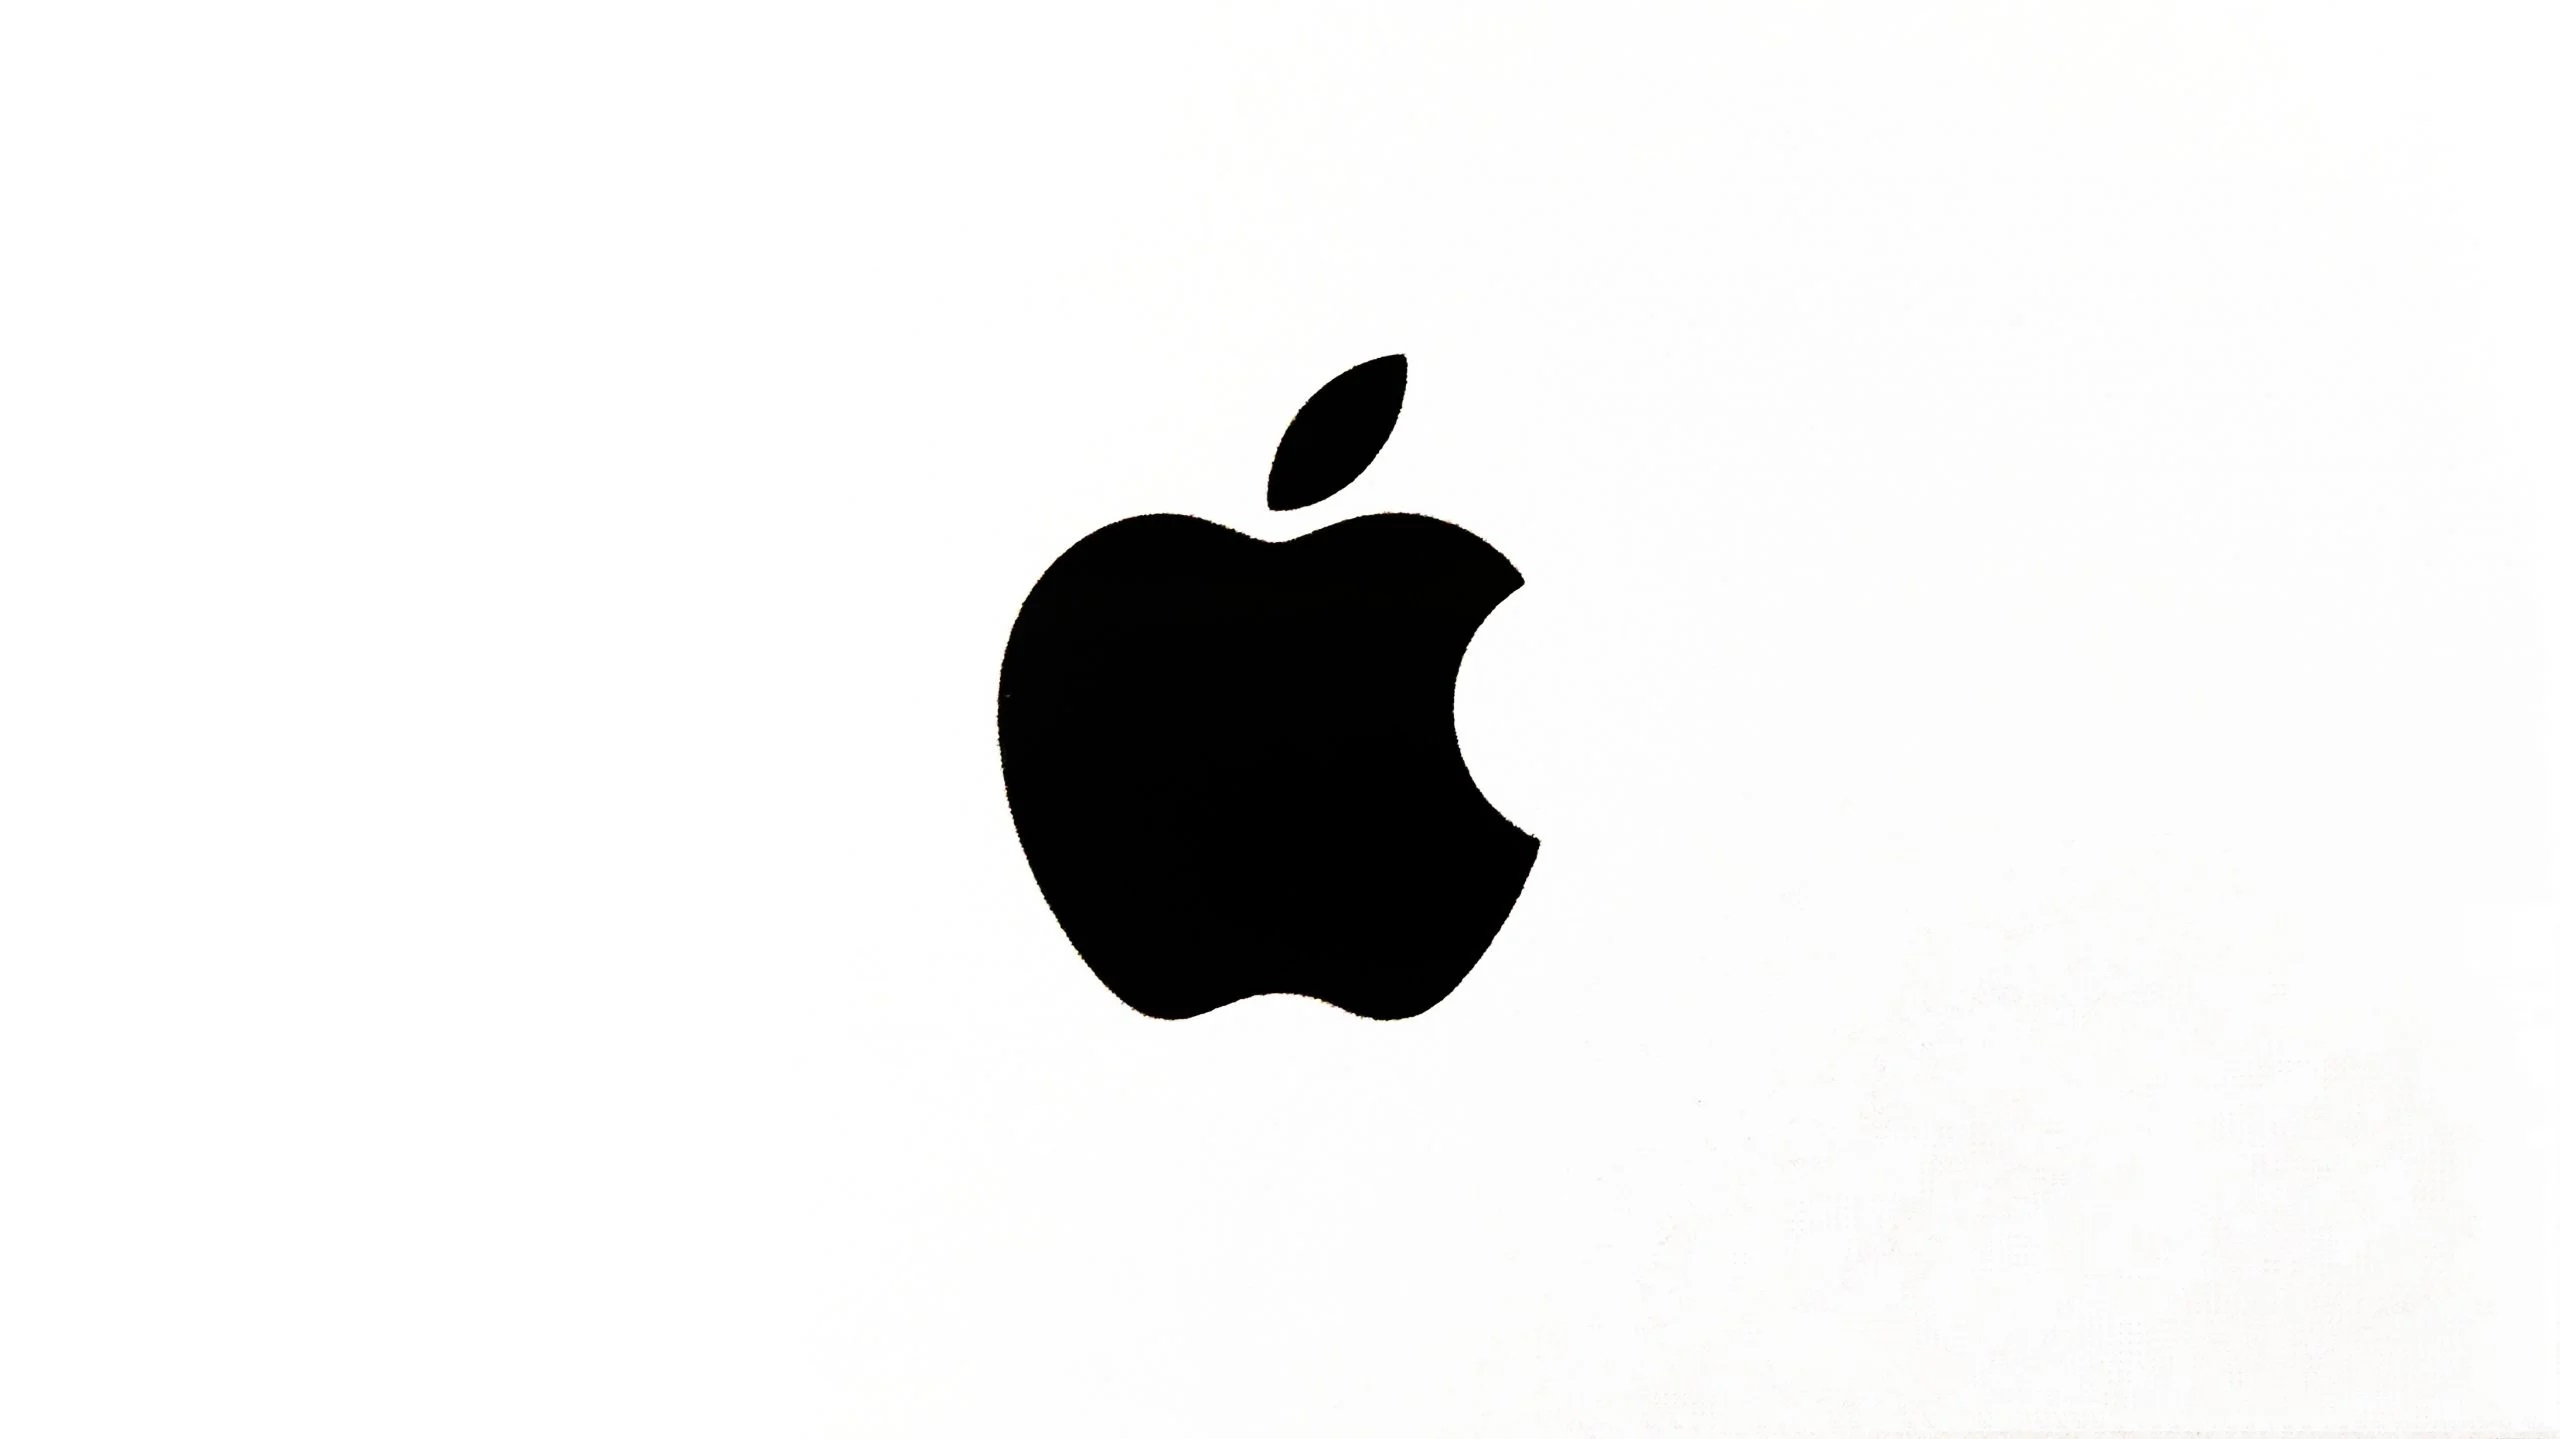 Czarne logo Apple na białym tle